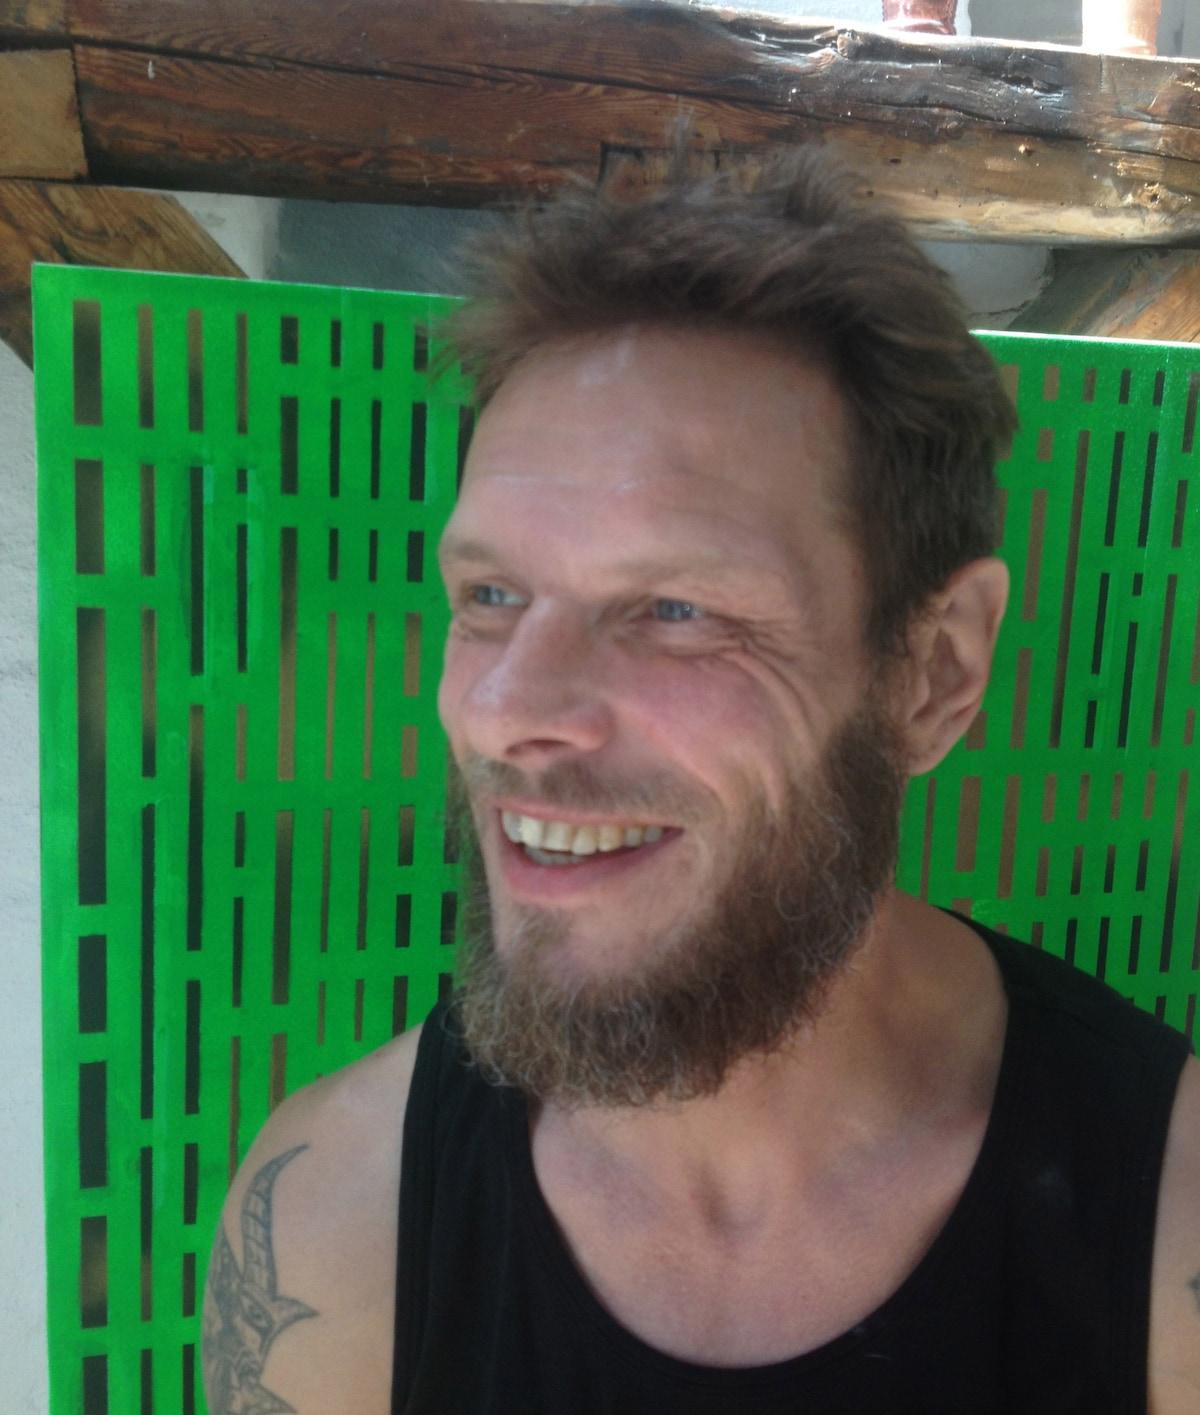 Karsten from Frederiksberg